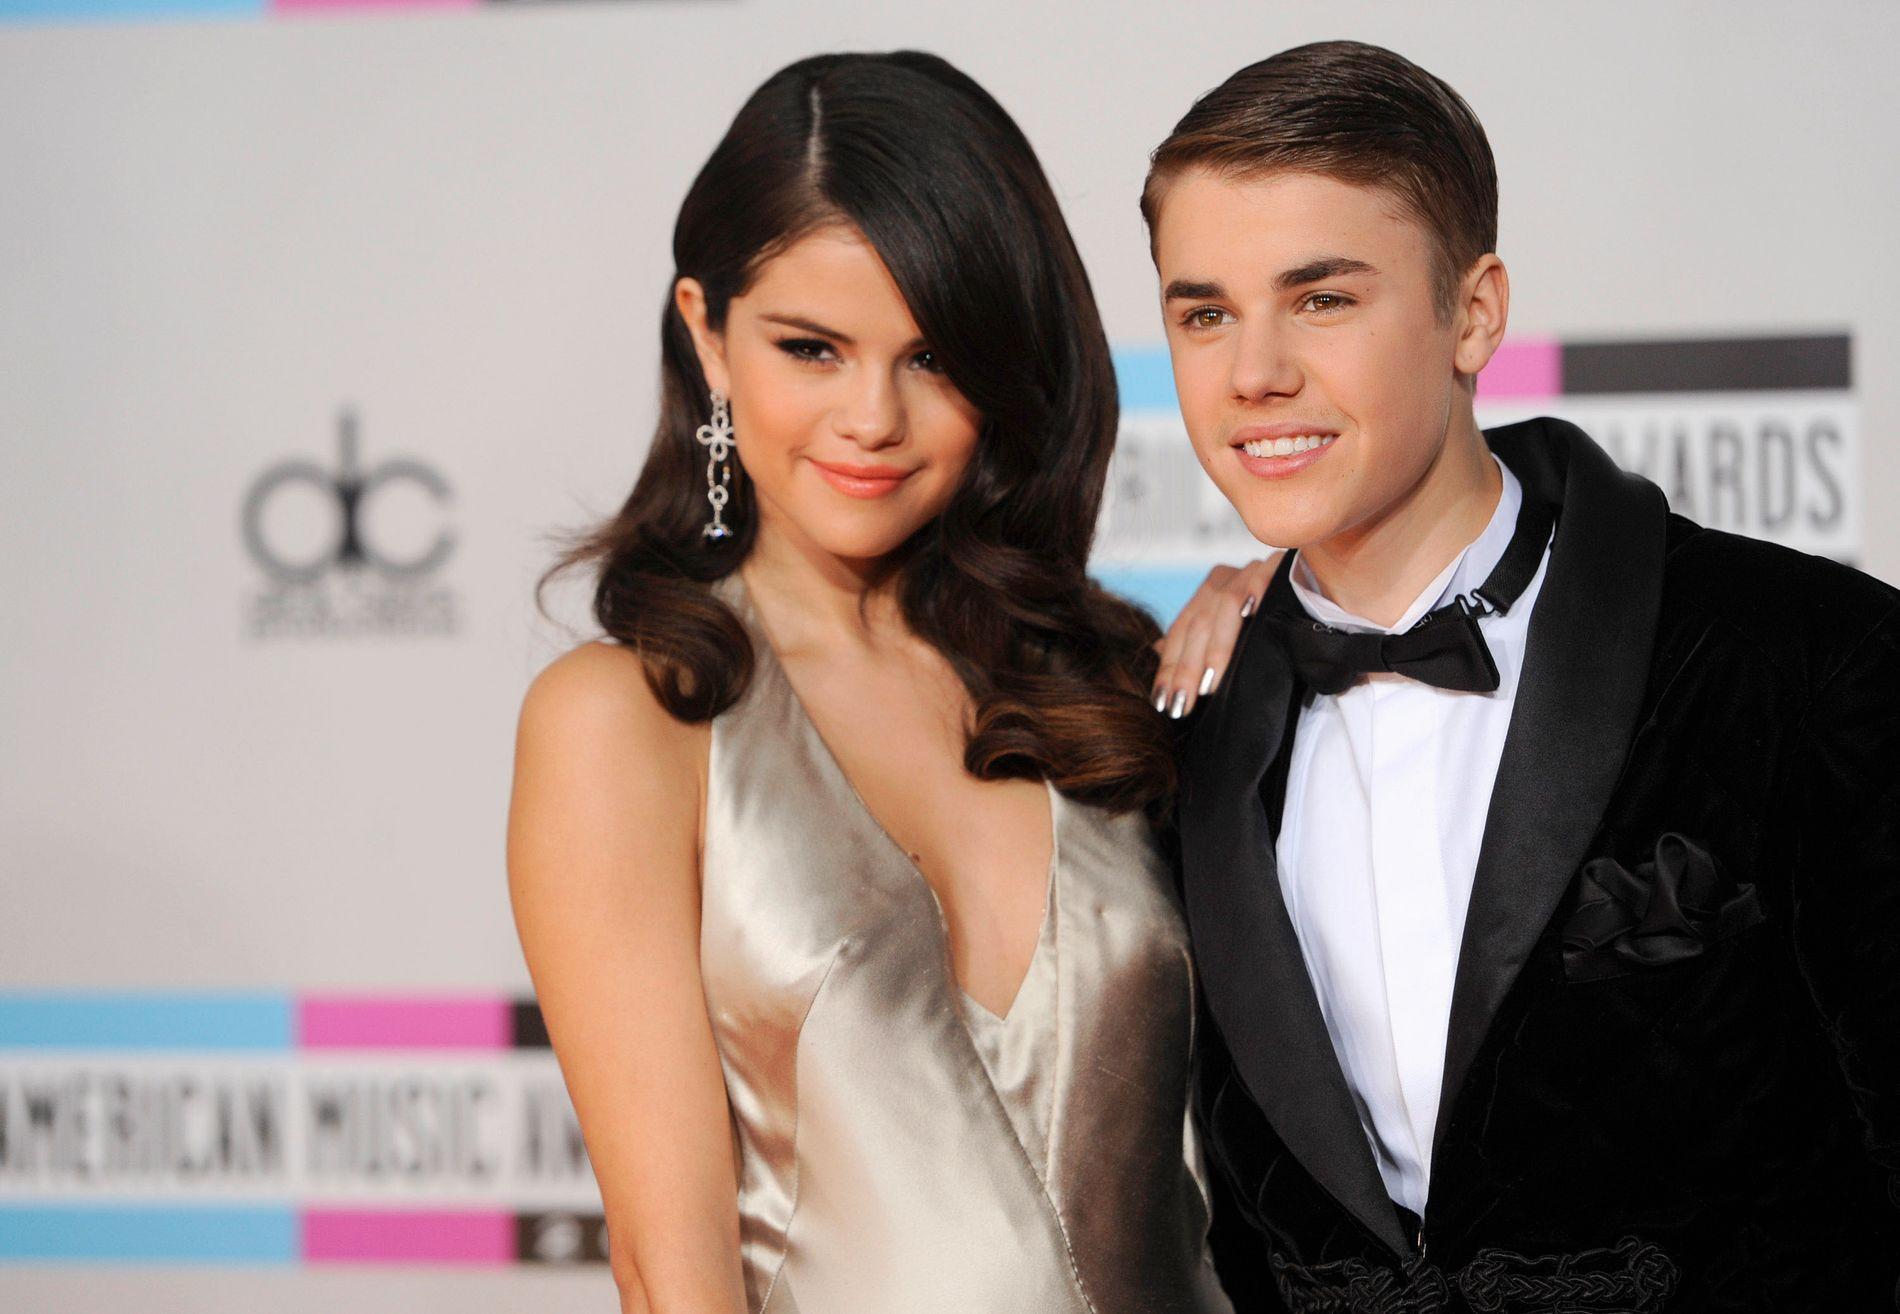 EKSPAR: Selena Gomez og Justin Bieber på American Music Awards i 2011.